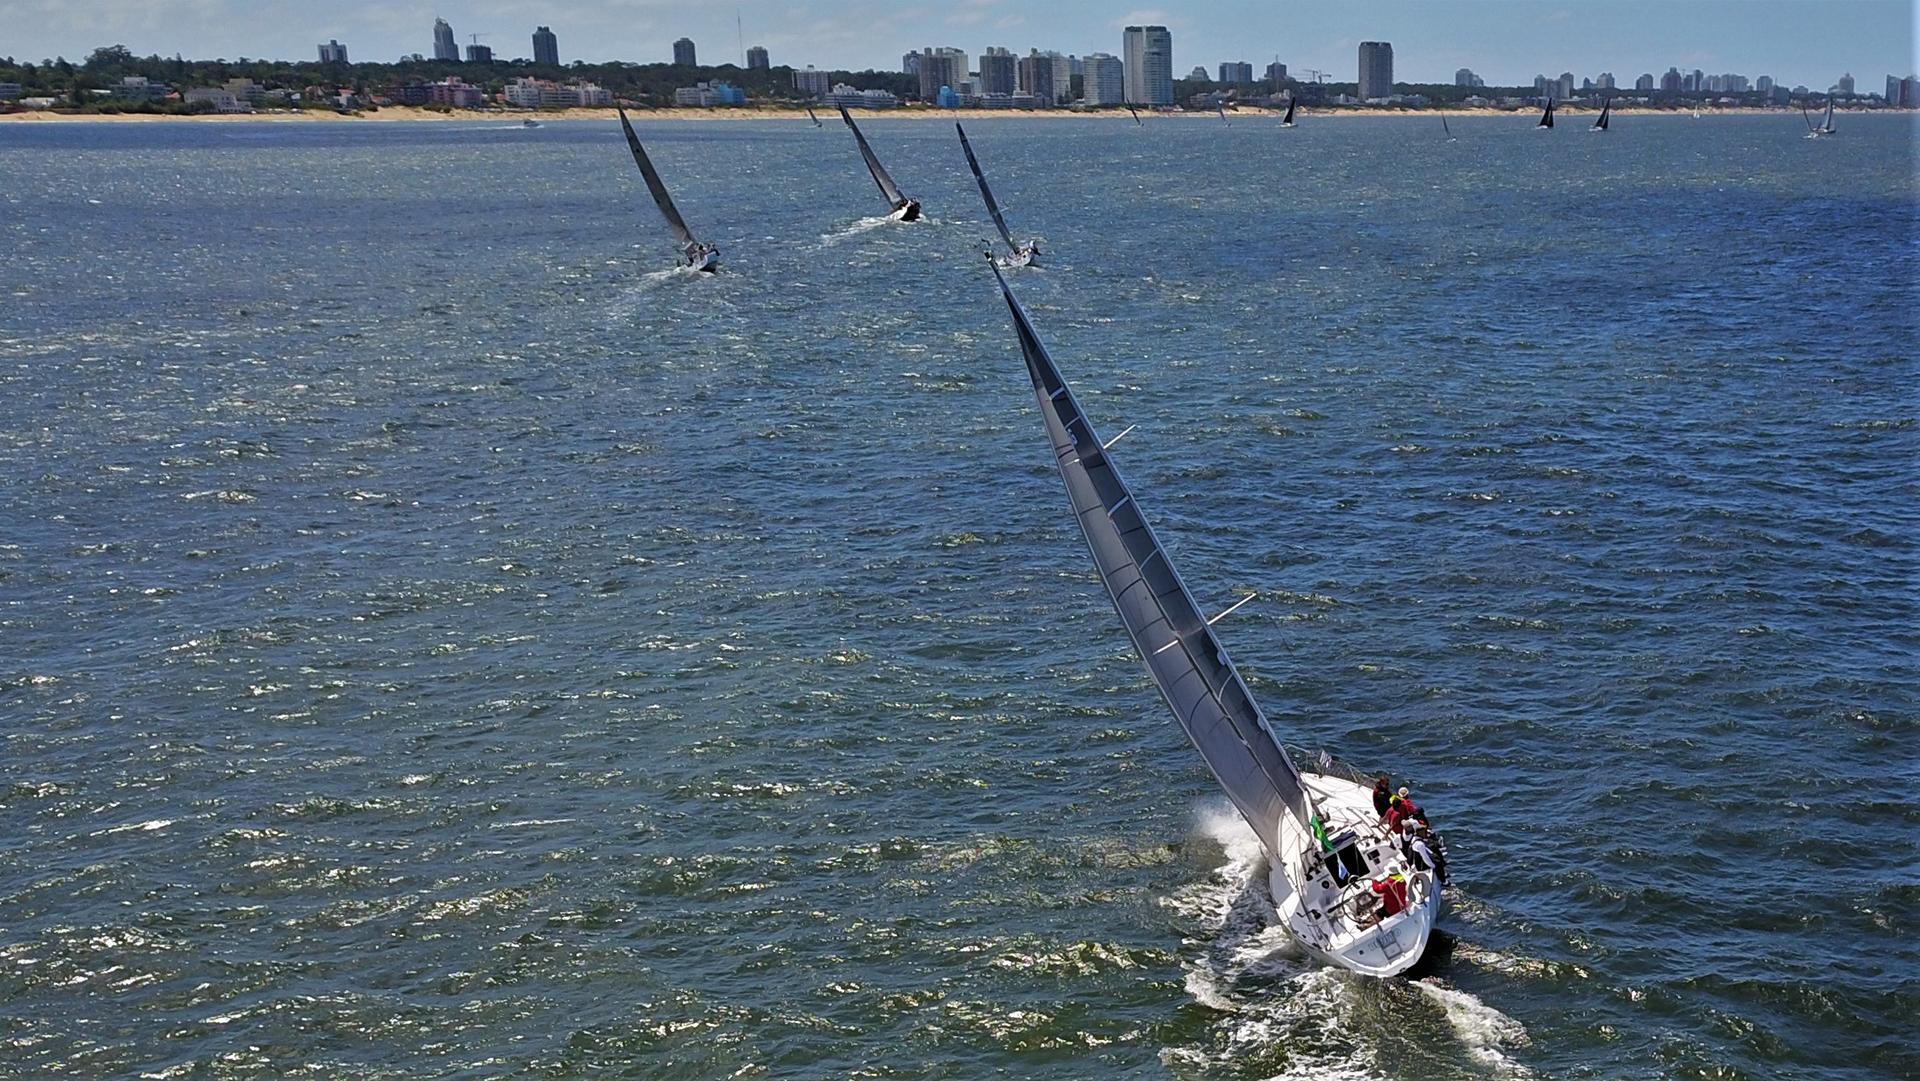 El Circuito Rolex Atlántico Sur es organizado conjuntamente por Yacht Club Argentino y Yacht Club Punta del Este desde hace varios años